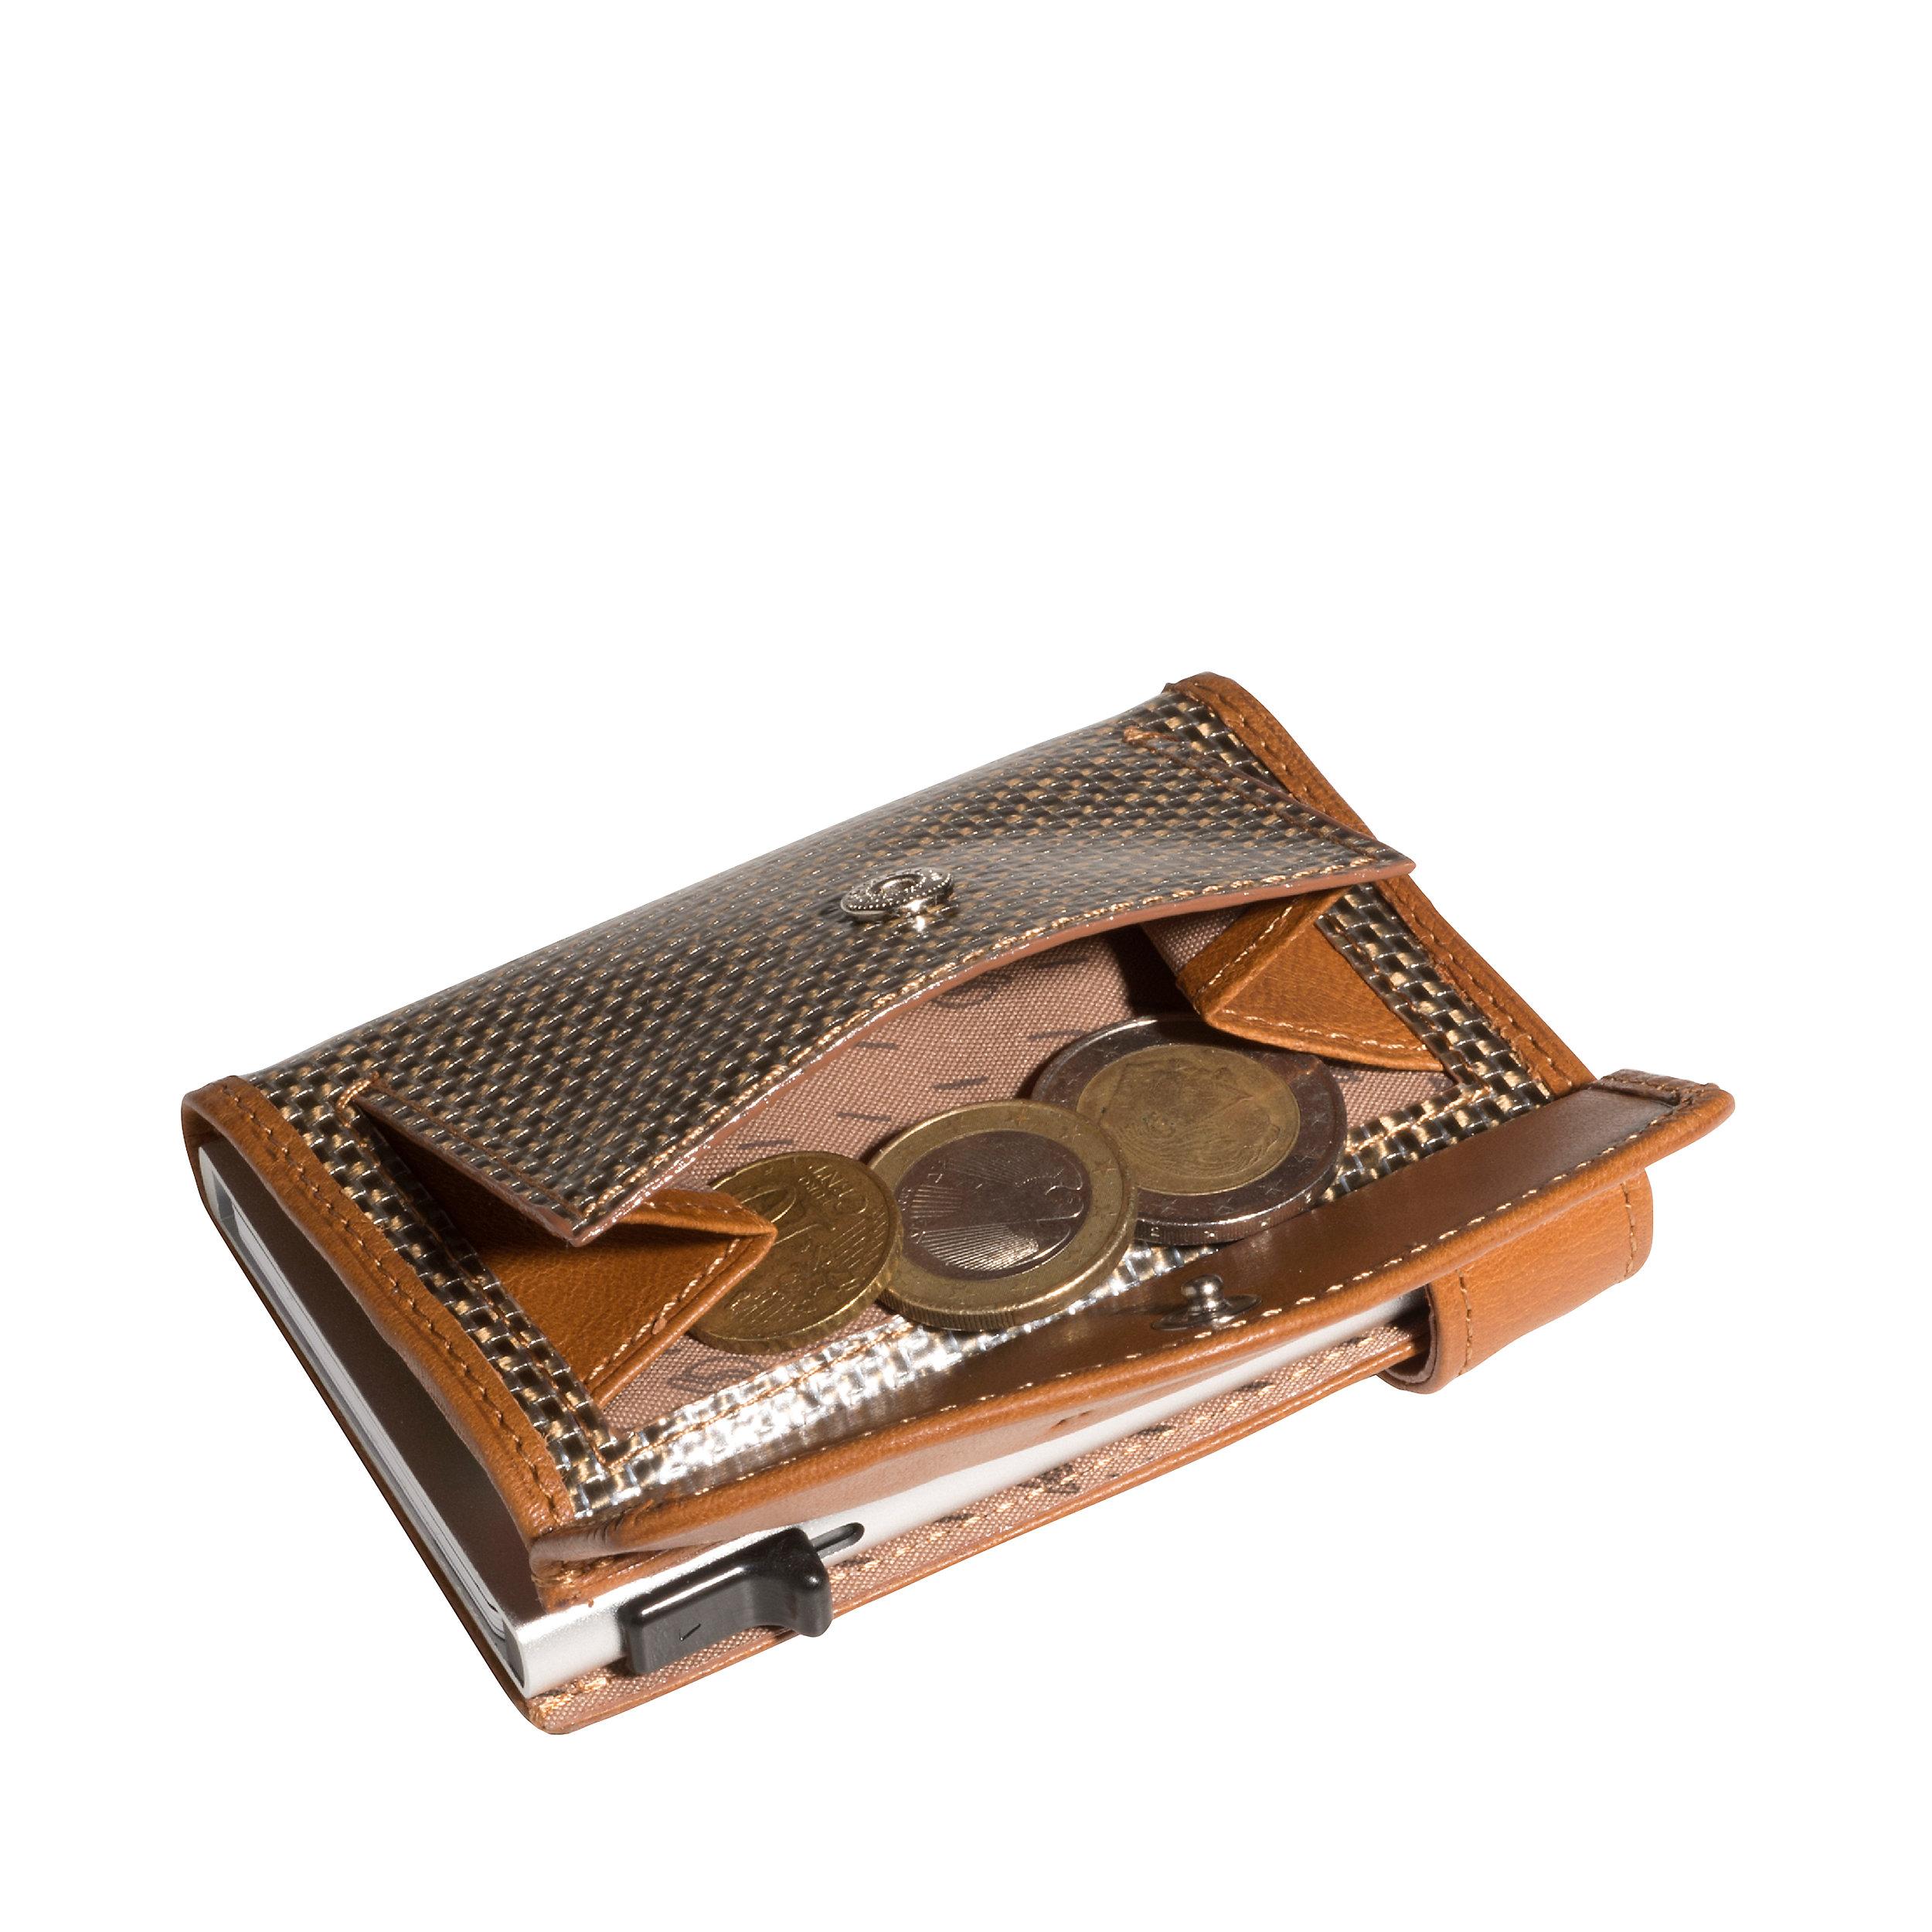 Kreditkartenetui Furbo 7KK RFID Titanium